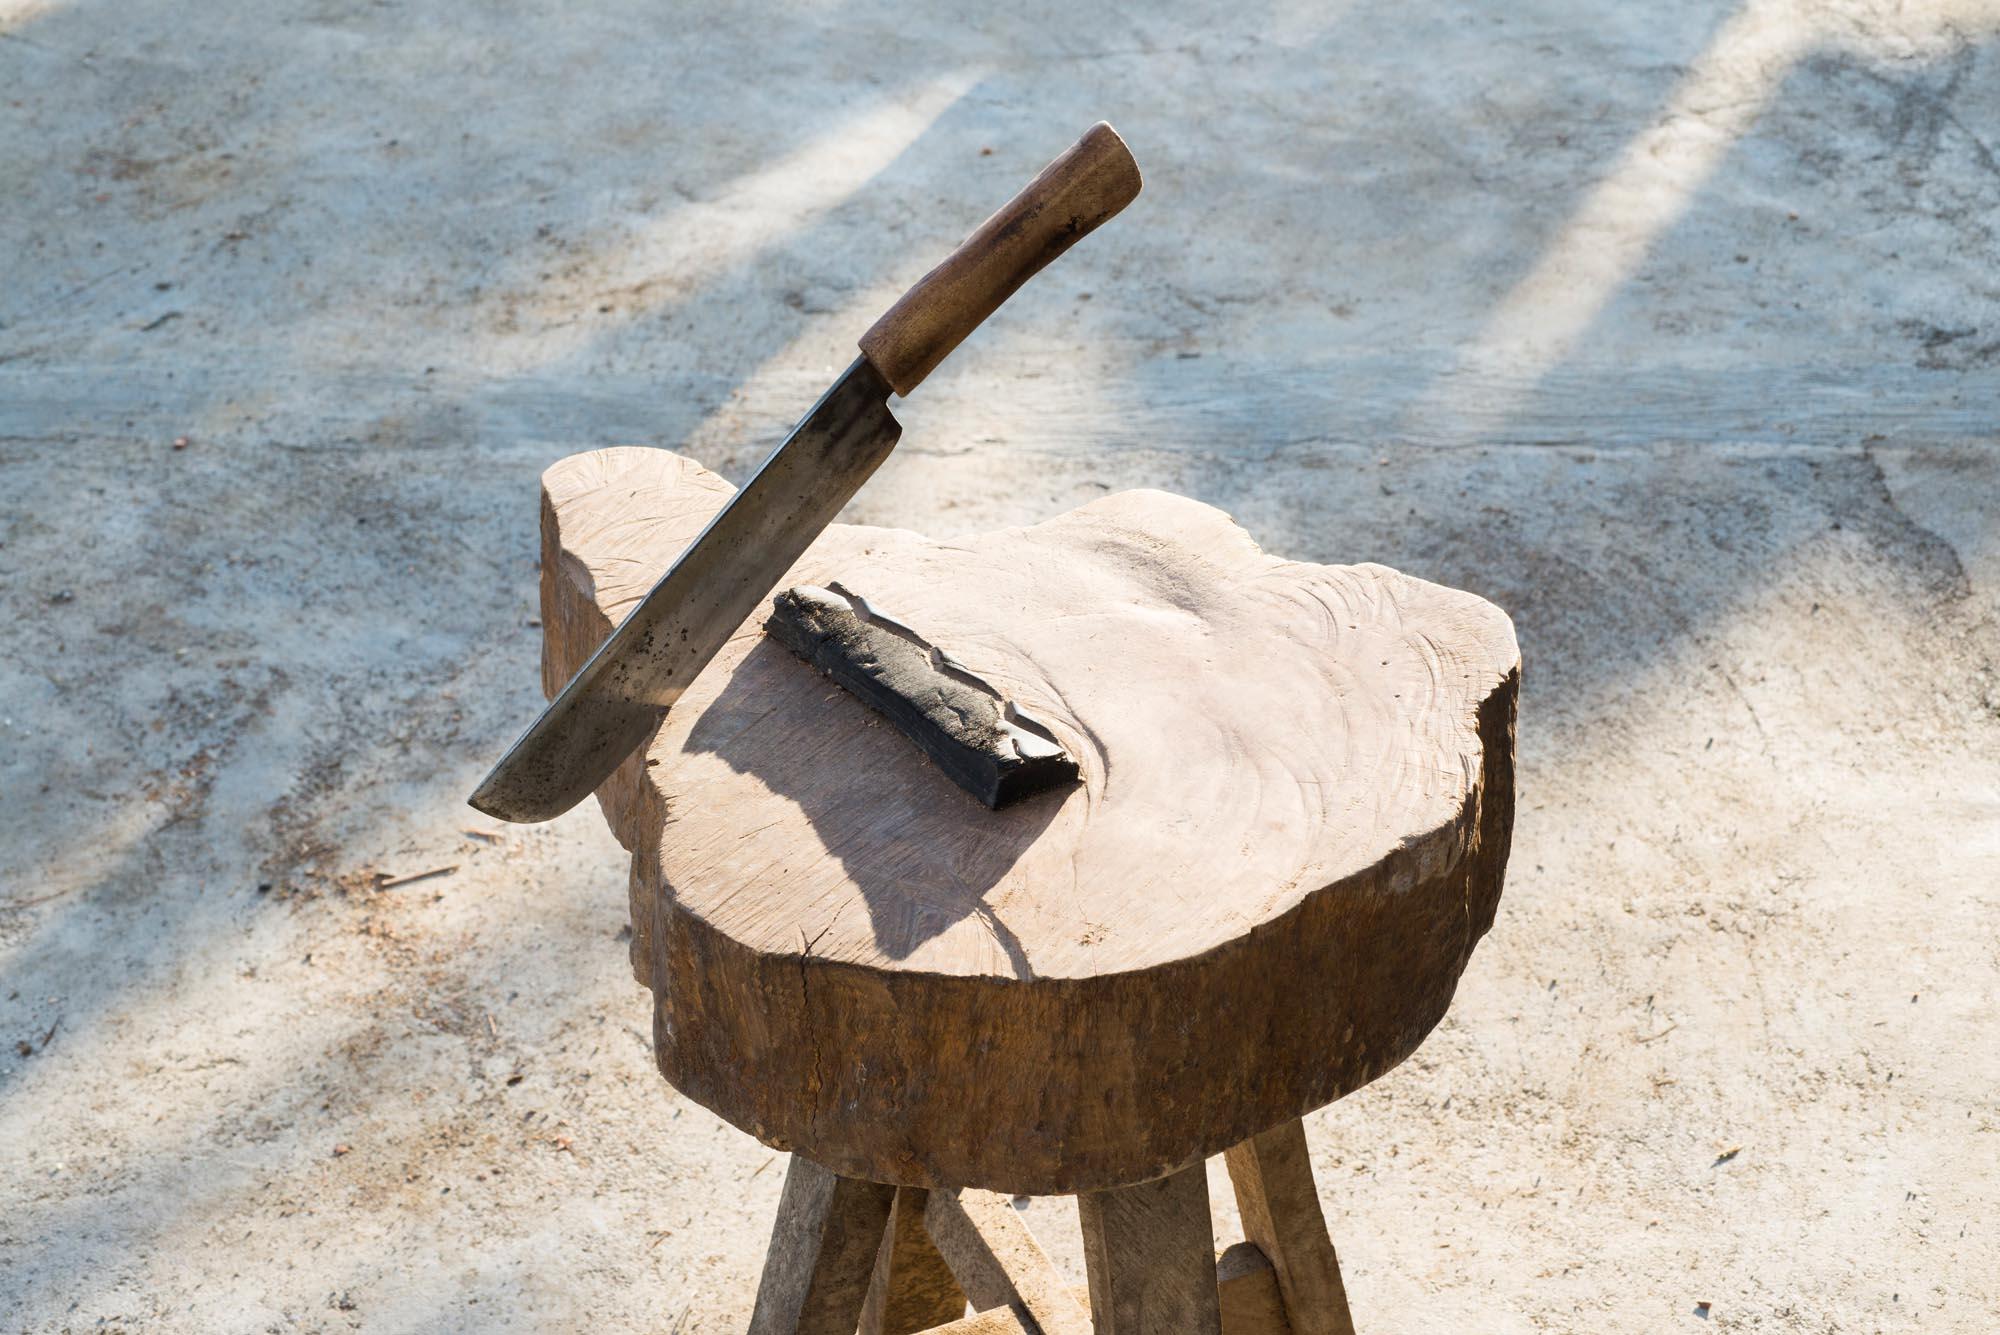 Pili nut cracking equipment///L'outillage nécessaire pour casser les noix de pili